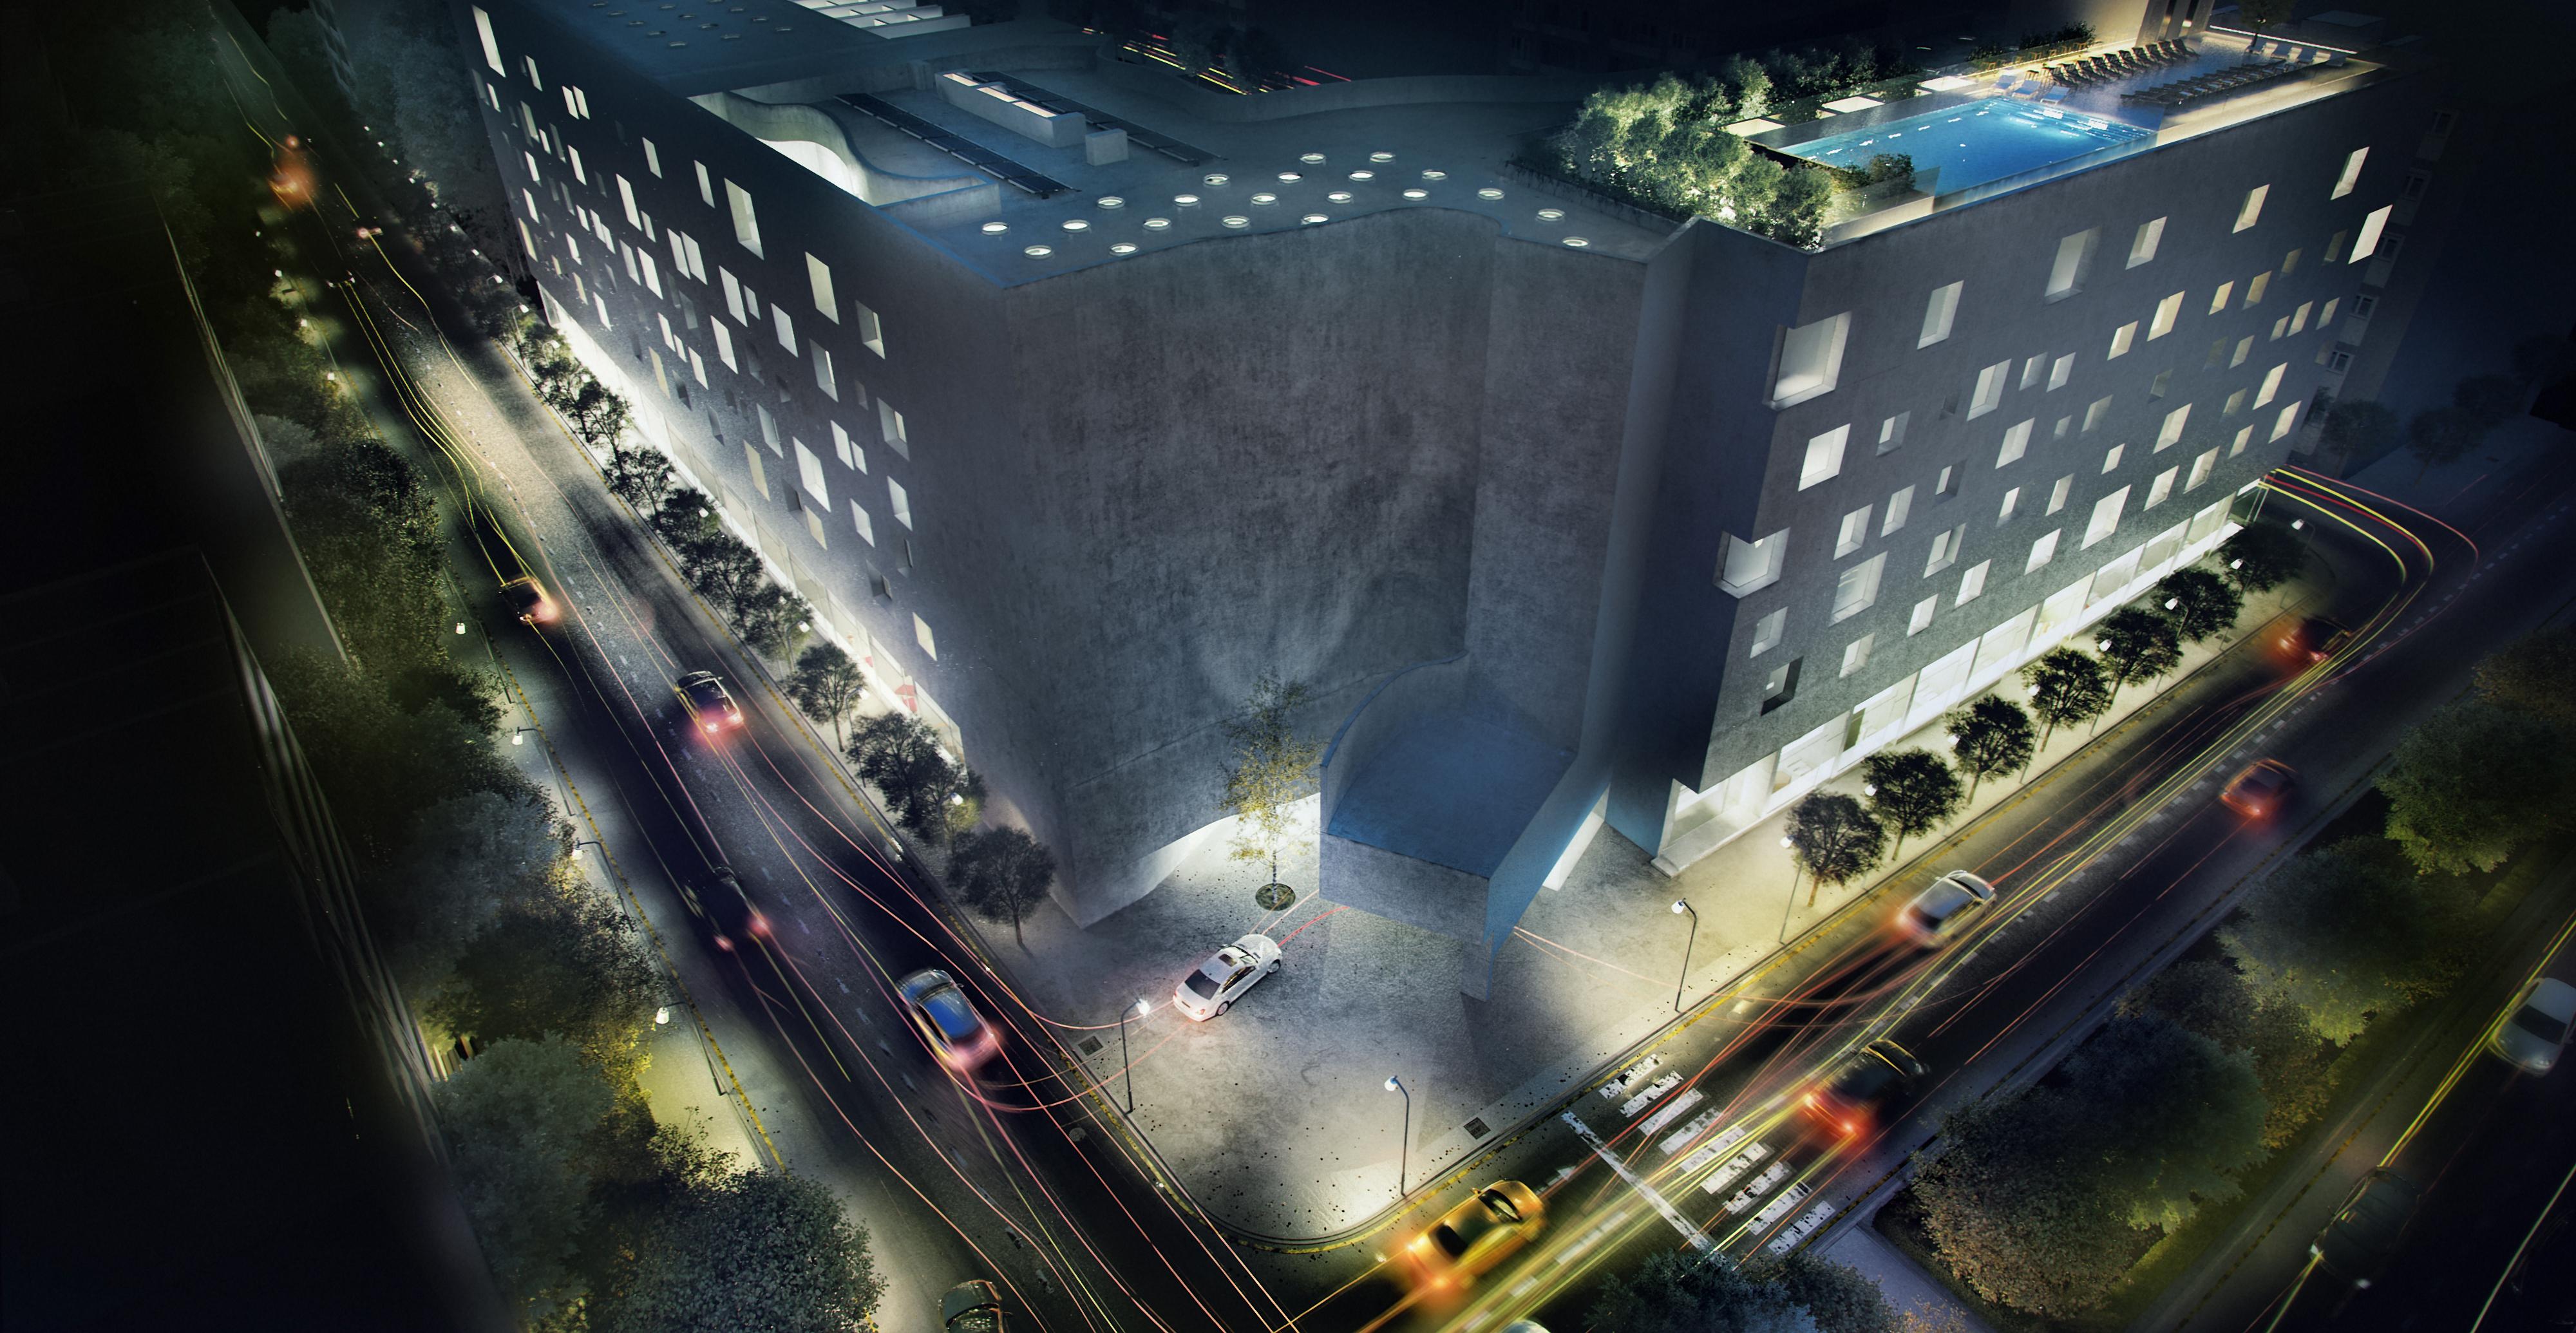 Central Projectos realiza projeto de um hotel em Moçambique